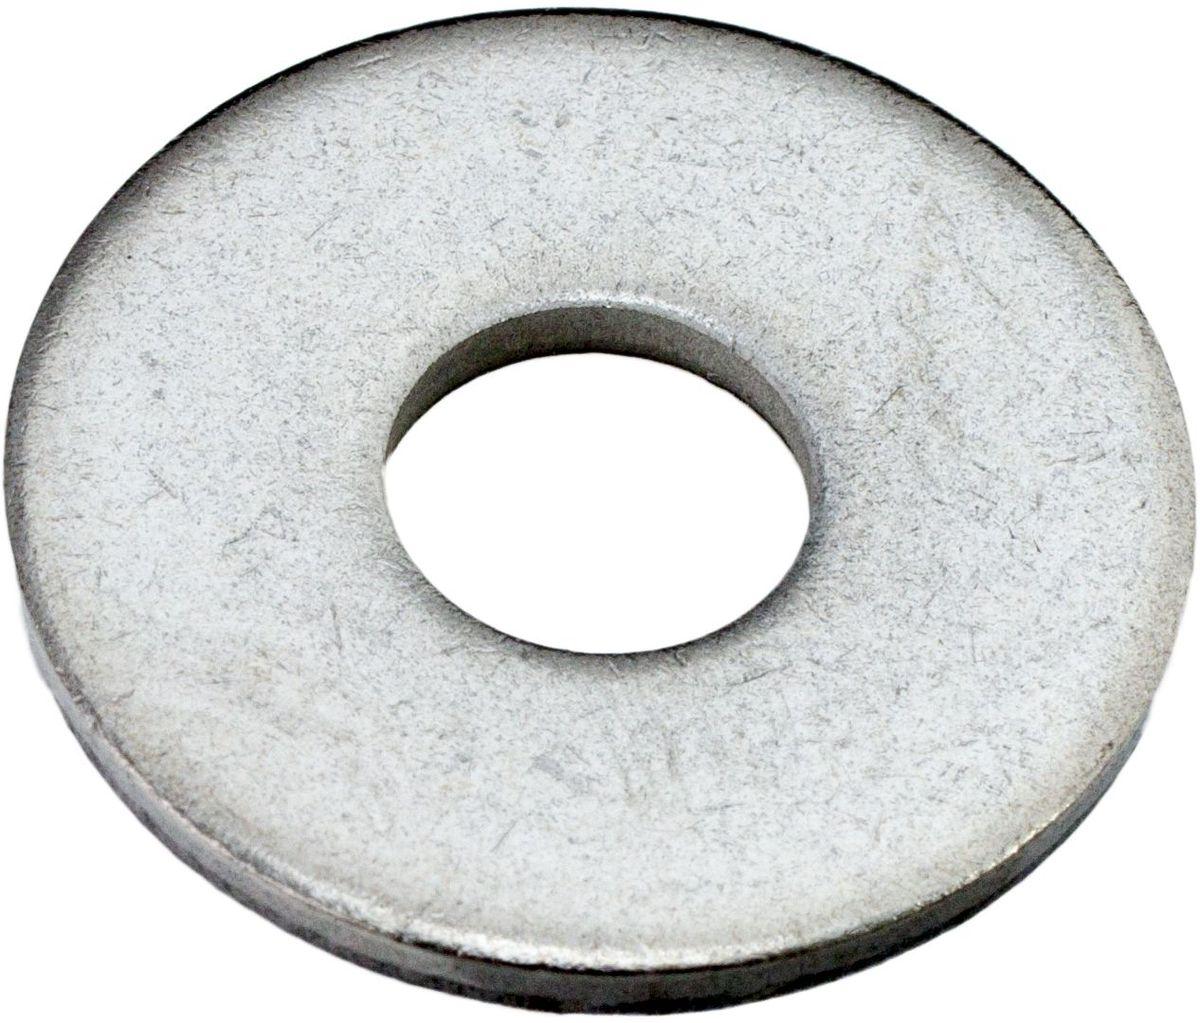 Шайба Стройбат, оцинкованная, кузовная, DIN 9021, 8 мм, 8 шт увеличенная шайба качественный крепеж плоская din 9021 м10 80 шт 0300967 кч